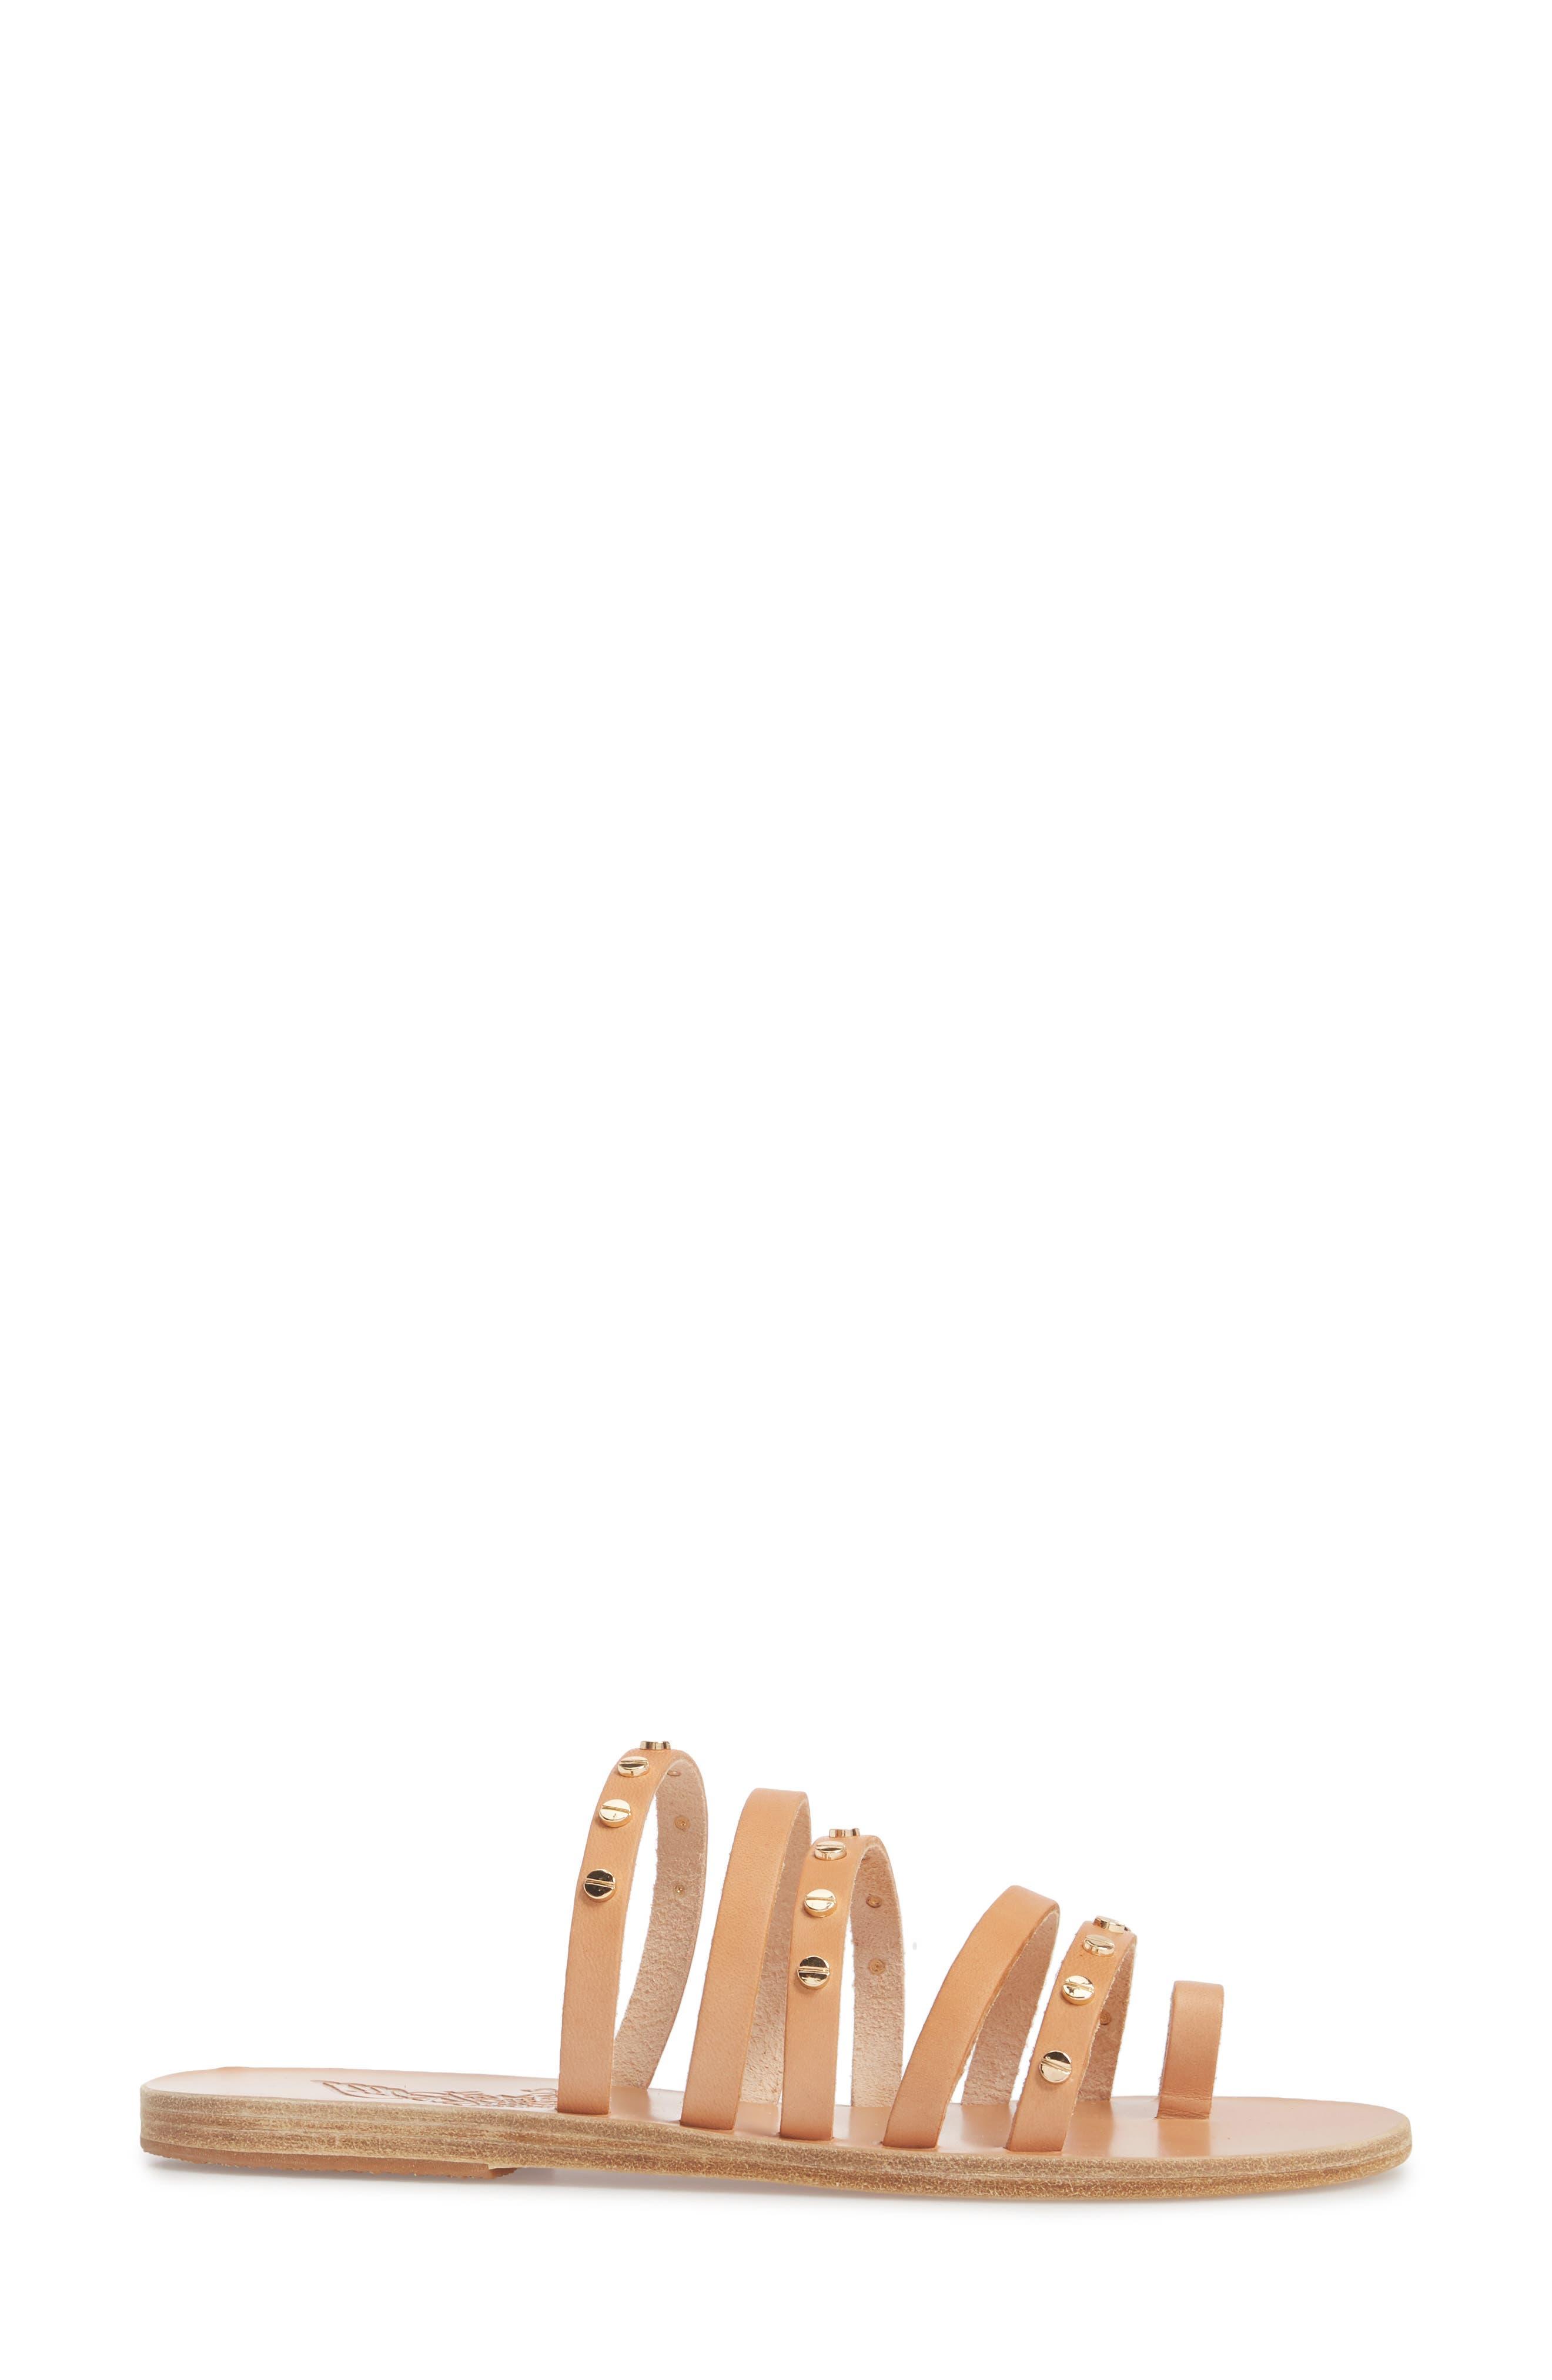 Niki Nails Sandal,                             Alternate thumbnail 3, color,                             Natural